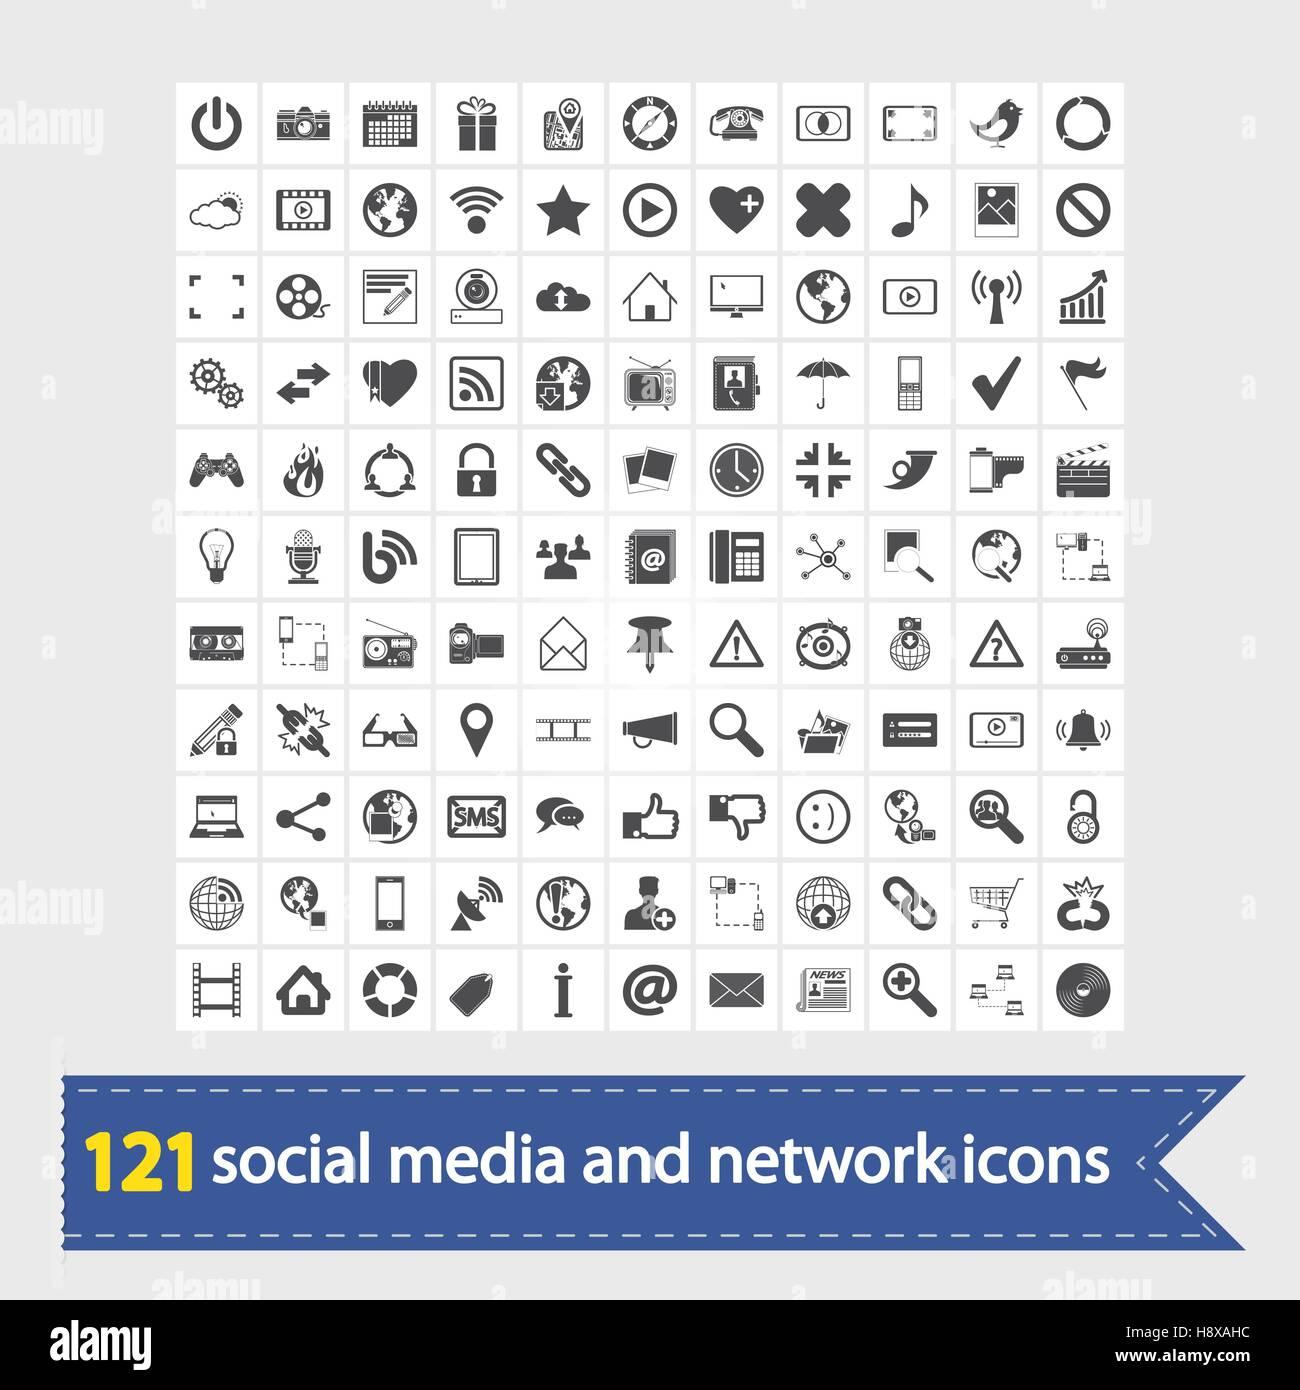 121 icônes de médias sociaux et de réseau. Vector illustration. Photo Stock